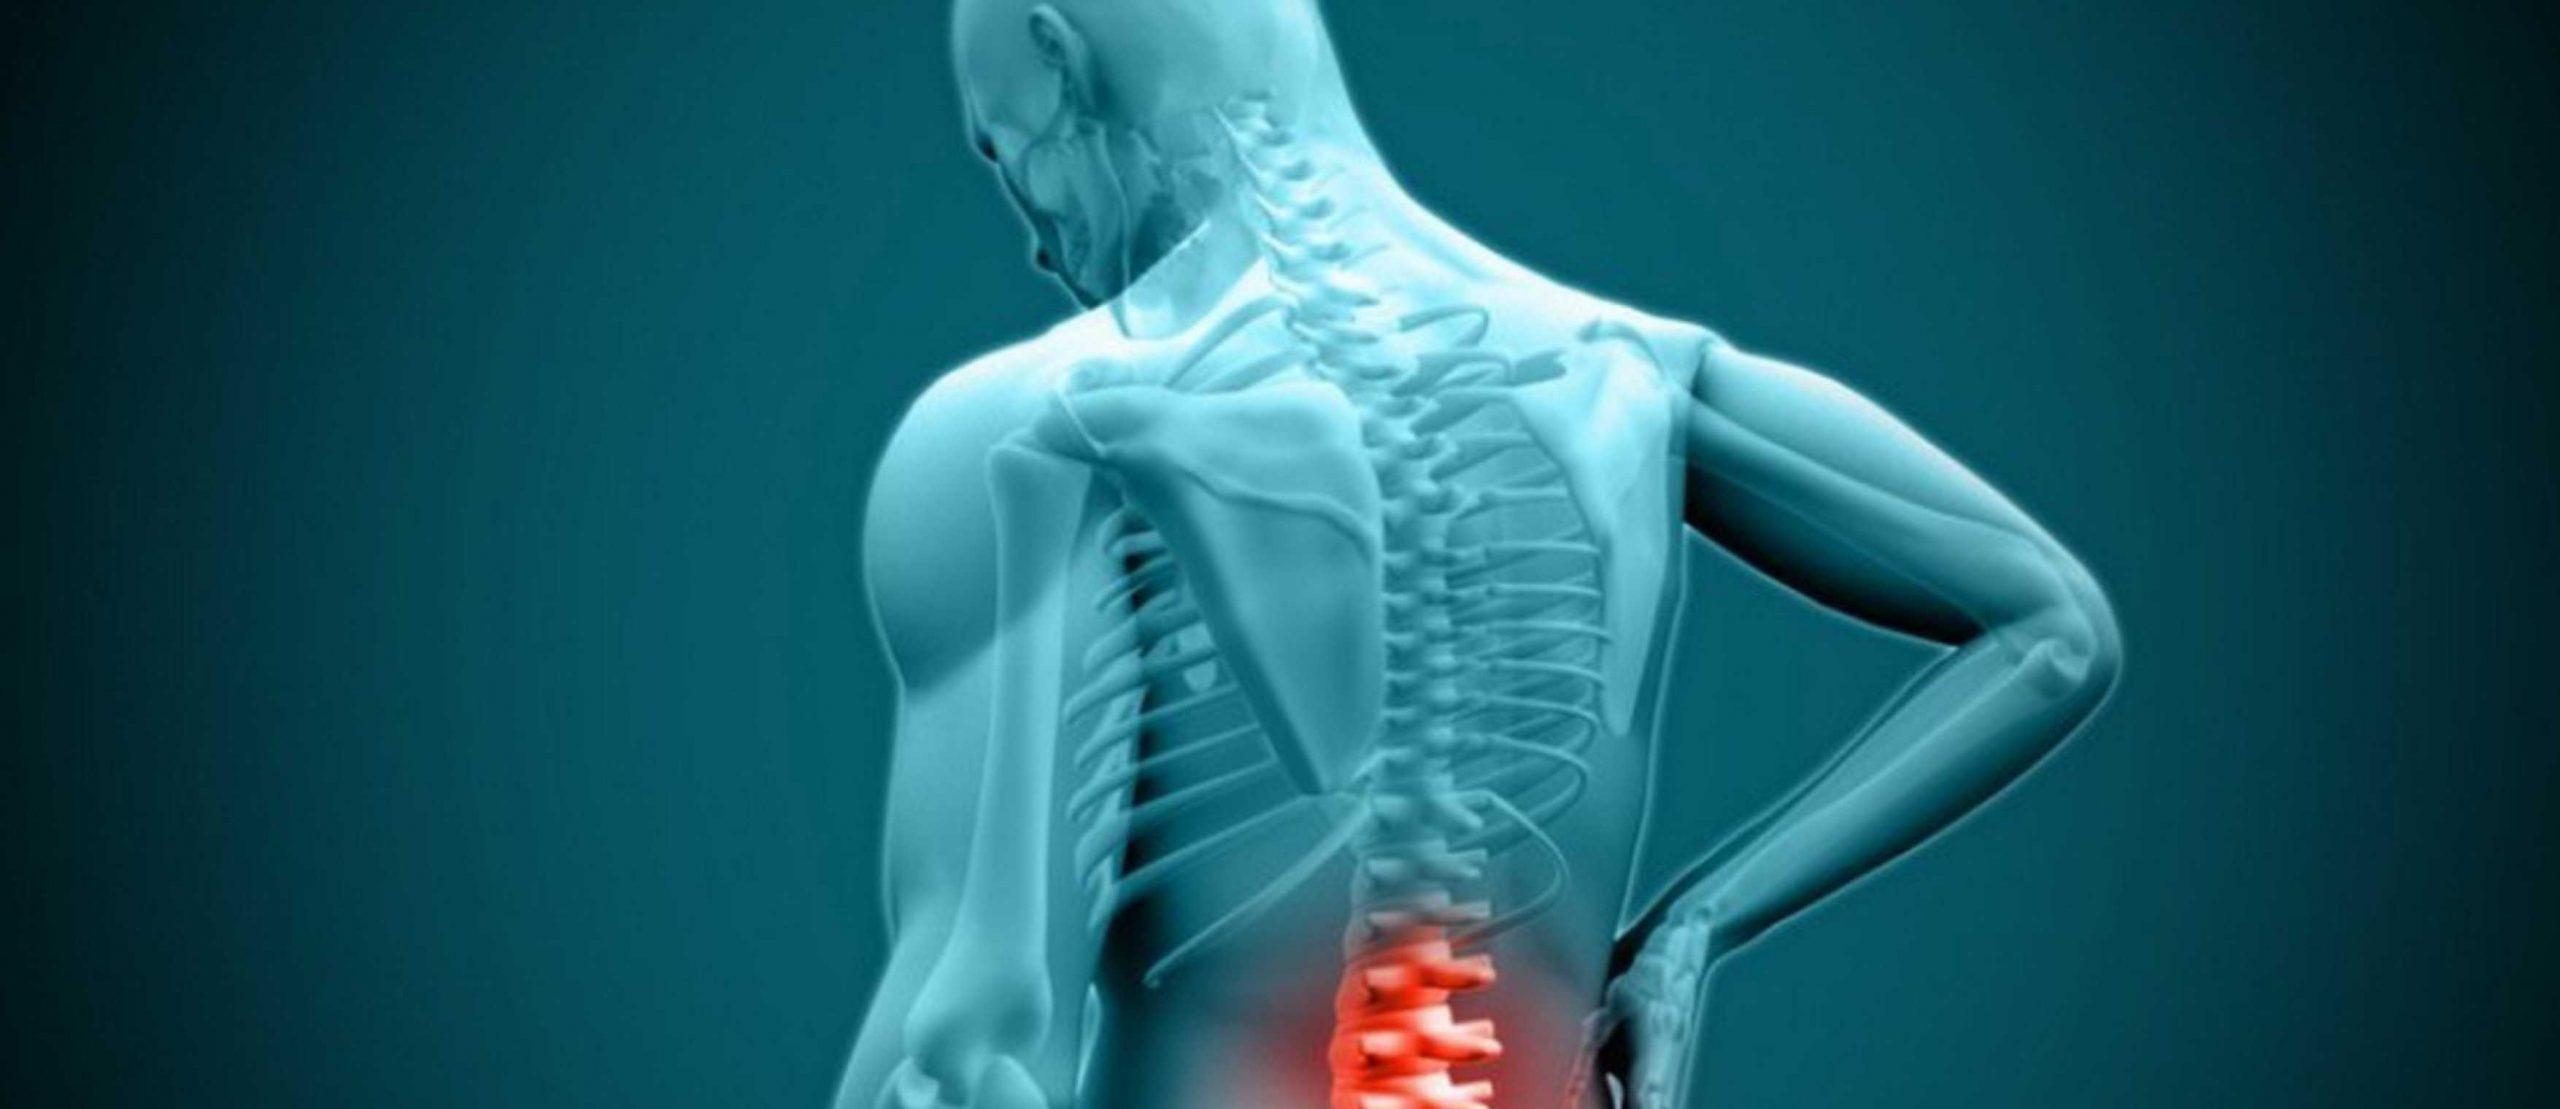 ΕΛΕΑΝΑ: Τα αποτελέσματα του webinar για την οστεοαρθρίτιδα και την εργασία